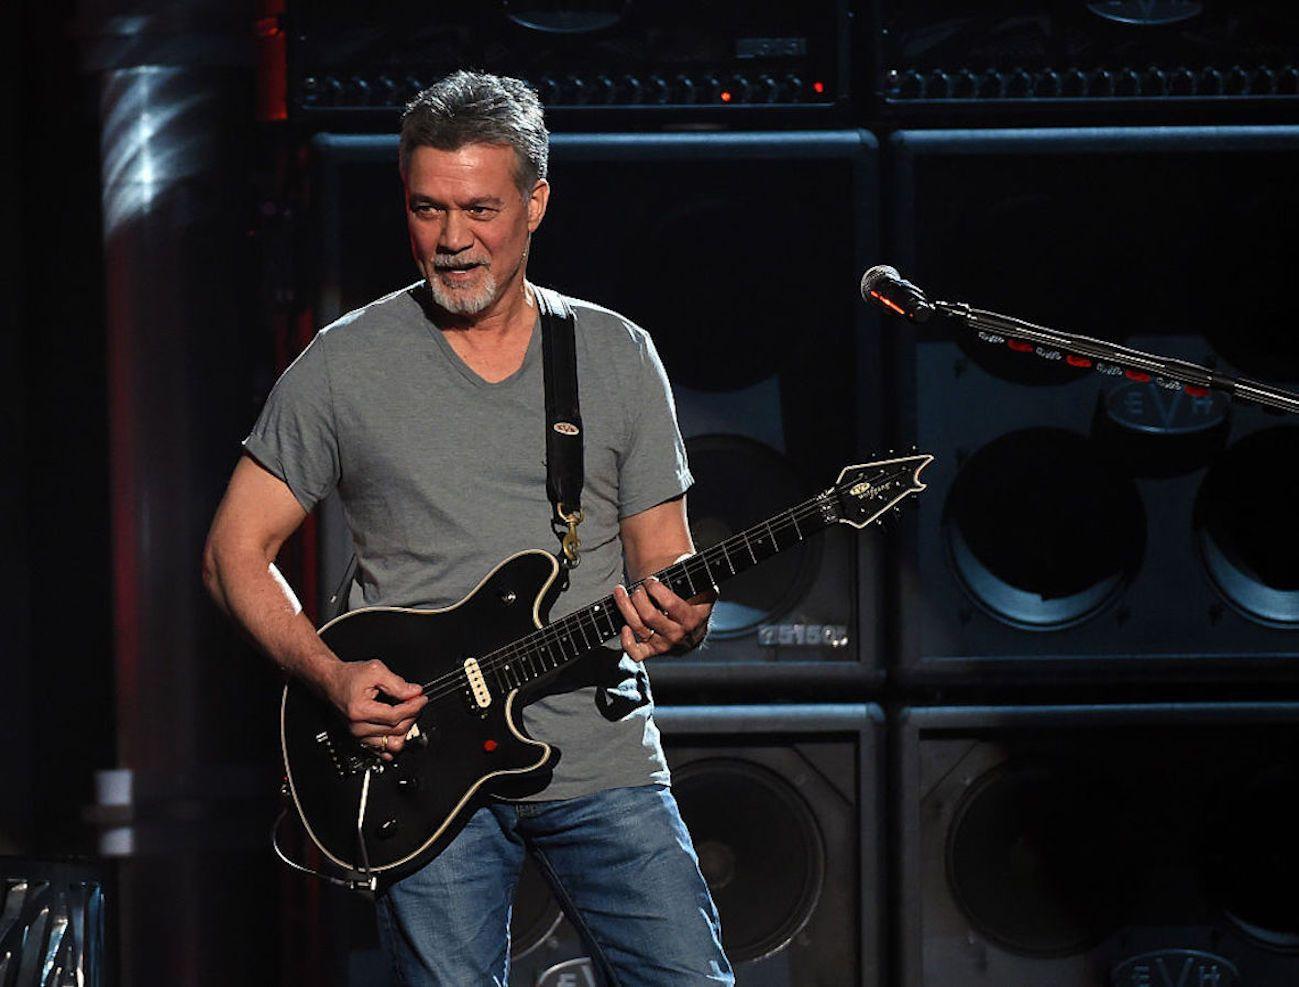 Addio a Eddie Van Halen, chitarrista e fondatore della band Van Halen